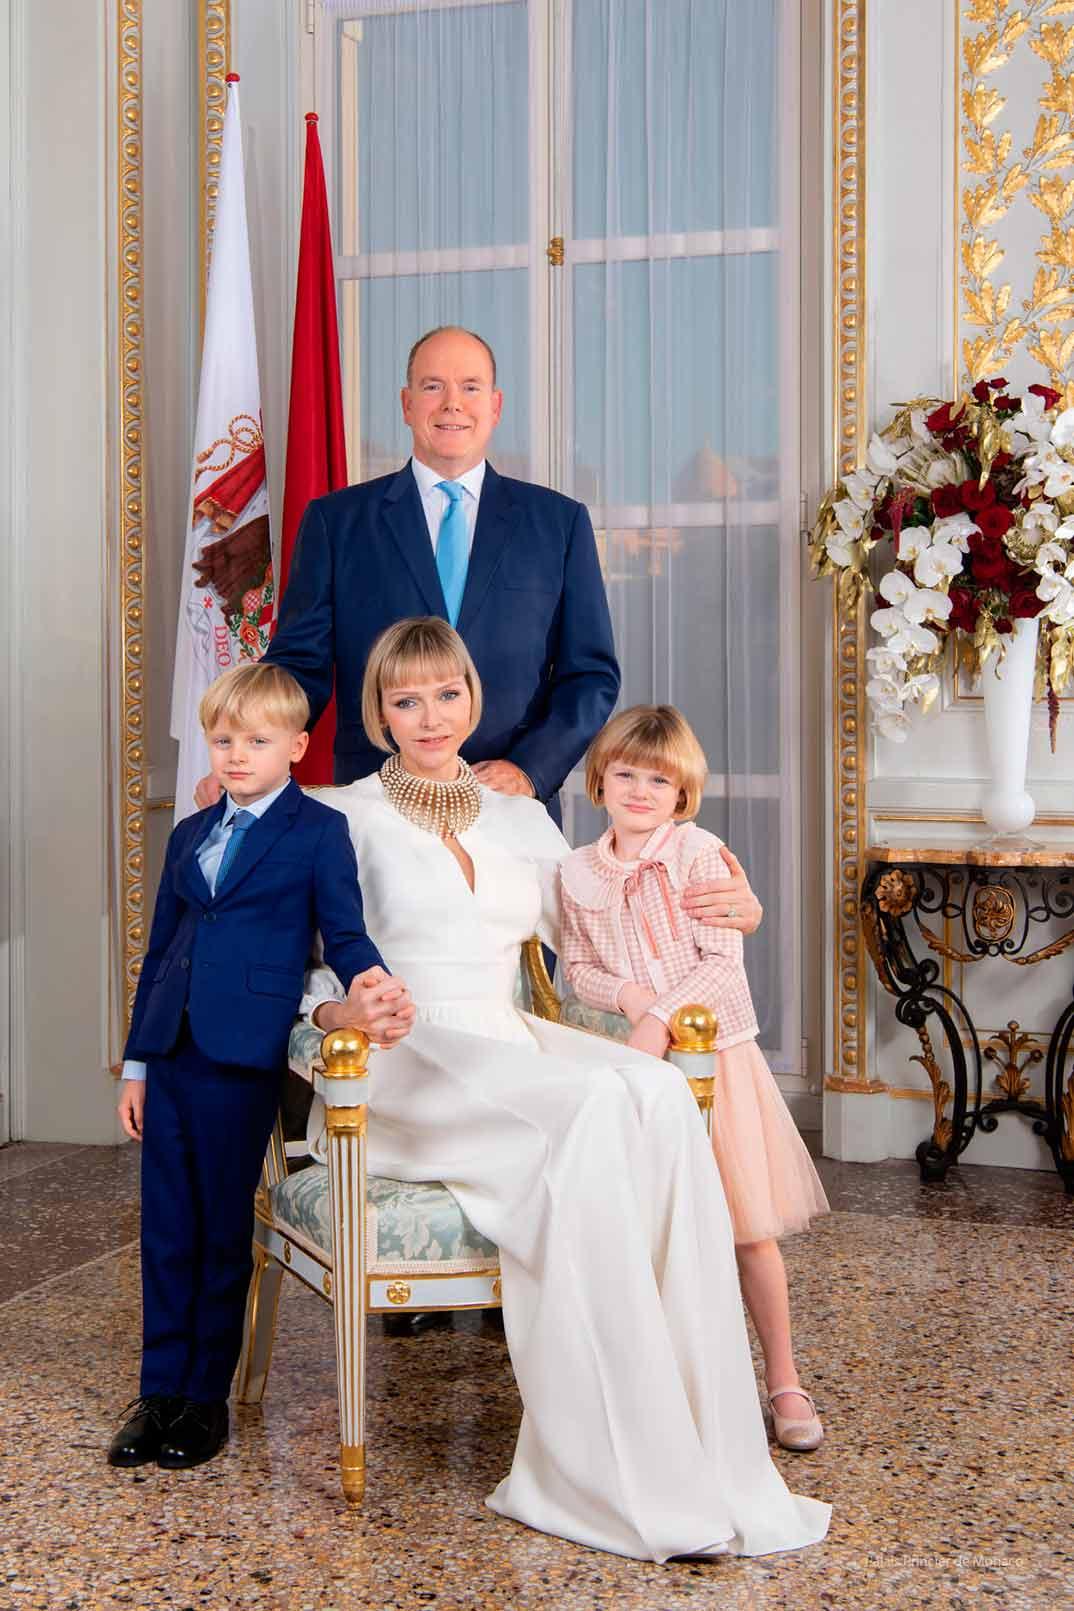 Alberto y Chalene de Mónaco con sus hijos Jacques y Gabriela @palaismonaco